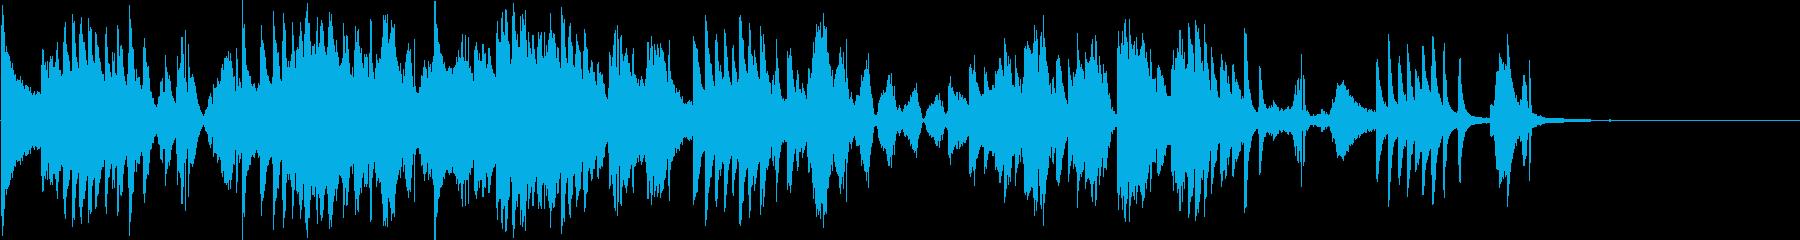 ピアノとエレクトロの静かな曲の再生済みの波形